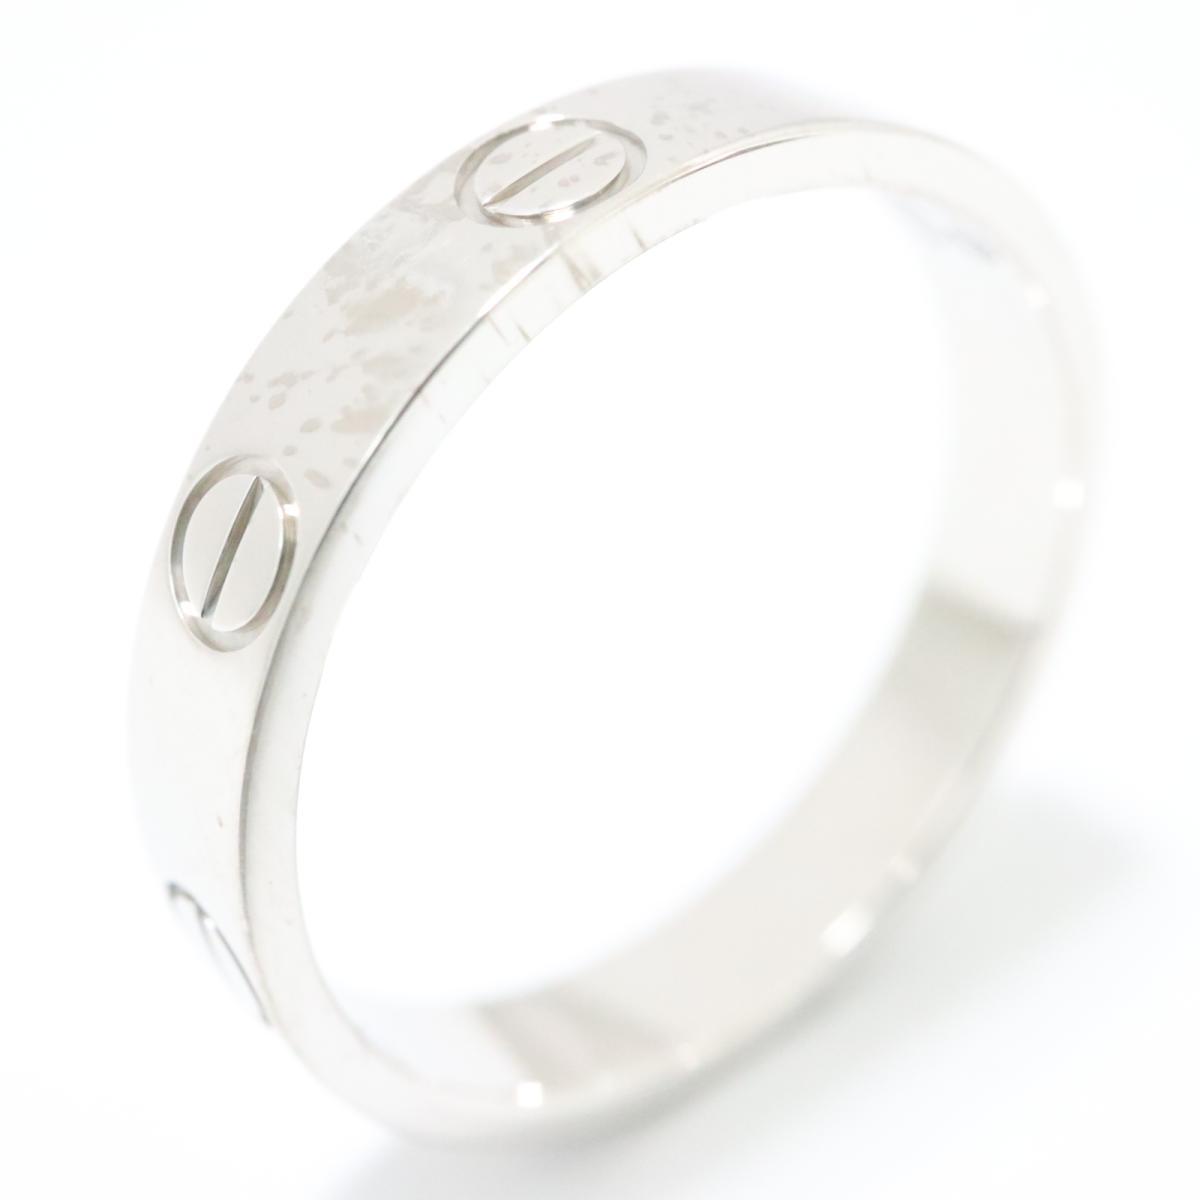 カルティエ ミニラブリング 指輪 ブランドジュエリー レディース K18WG -750 ホワイトゴールド シルバー【中古】 | Cartier BRANDOFF ブランドオフ ブランド ジュエリー アクセサリー リング